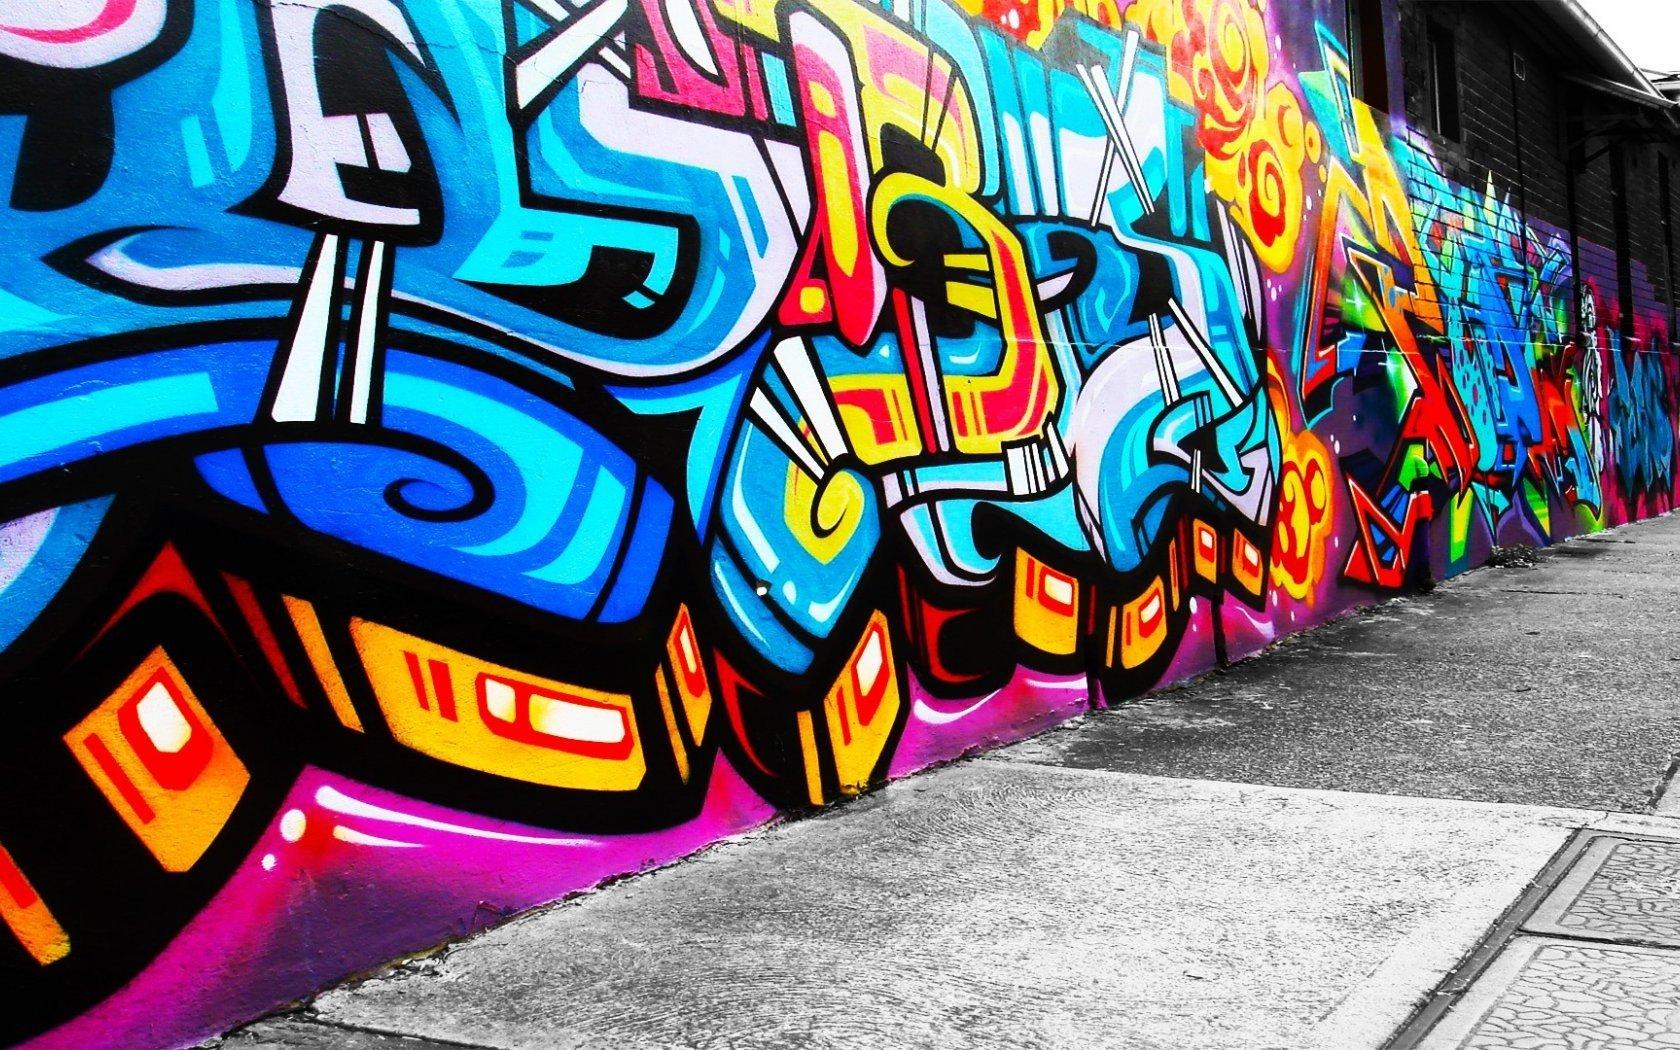 Fondos de pantalla para pc graffitis